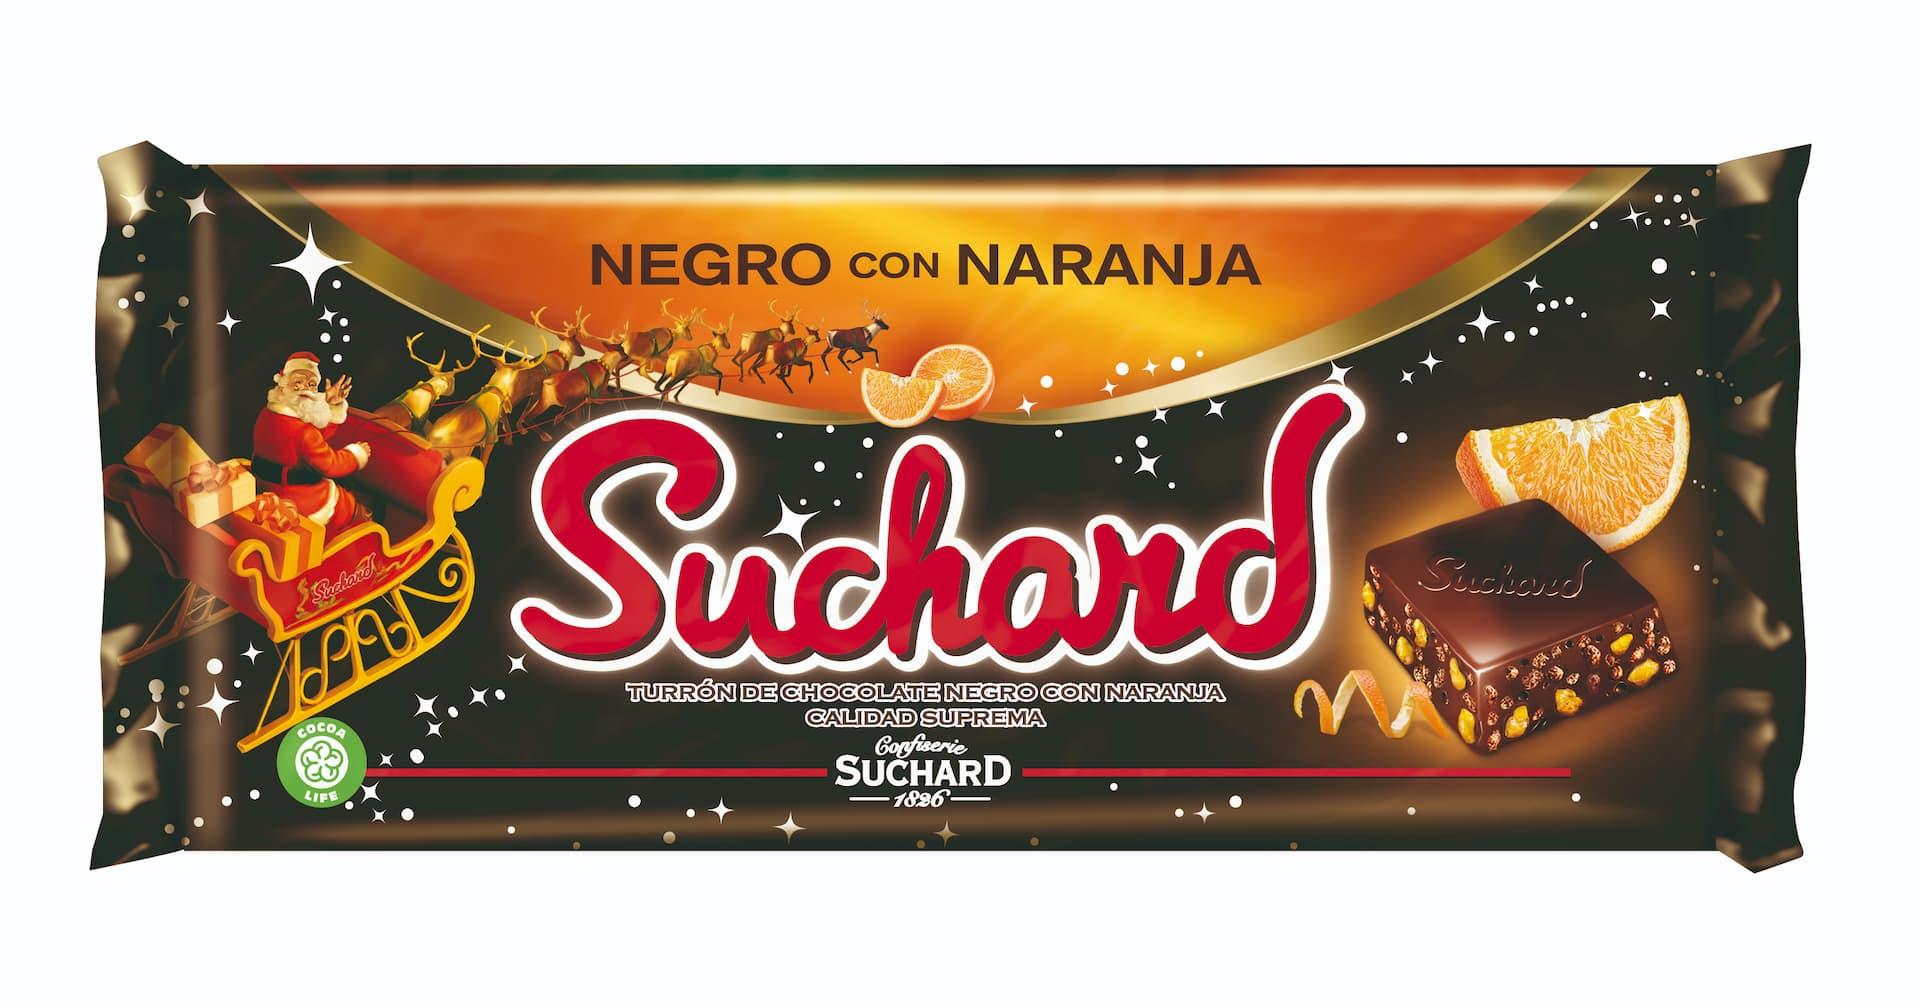 Suchard negro con naranja